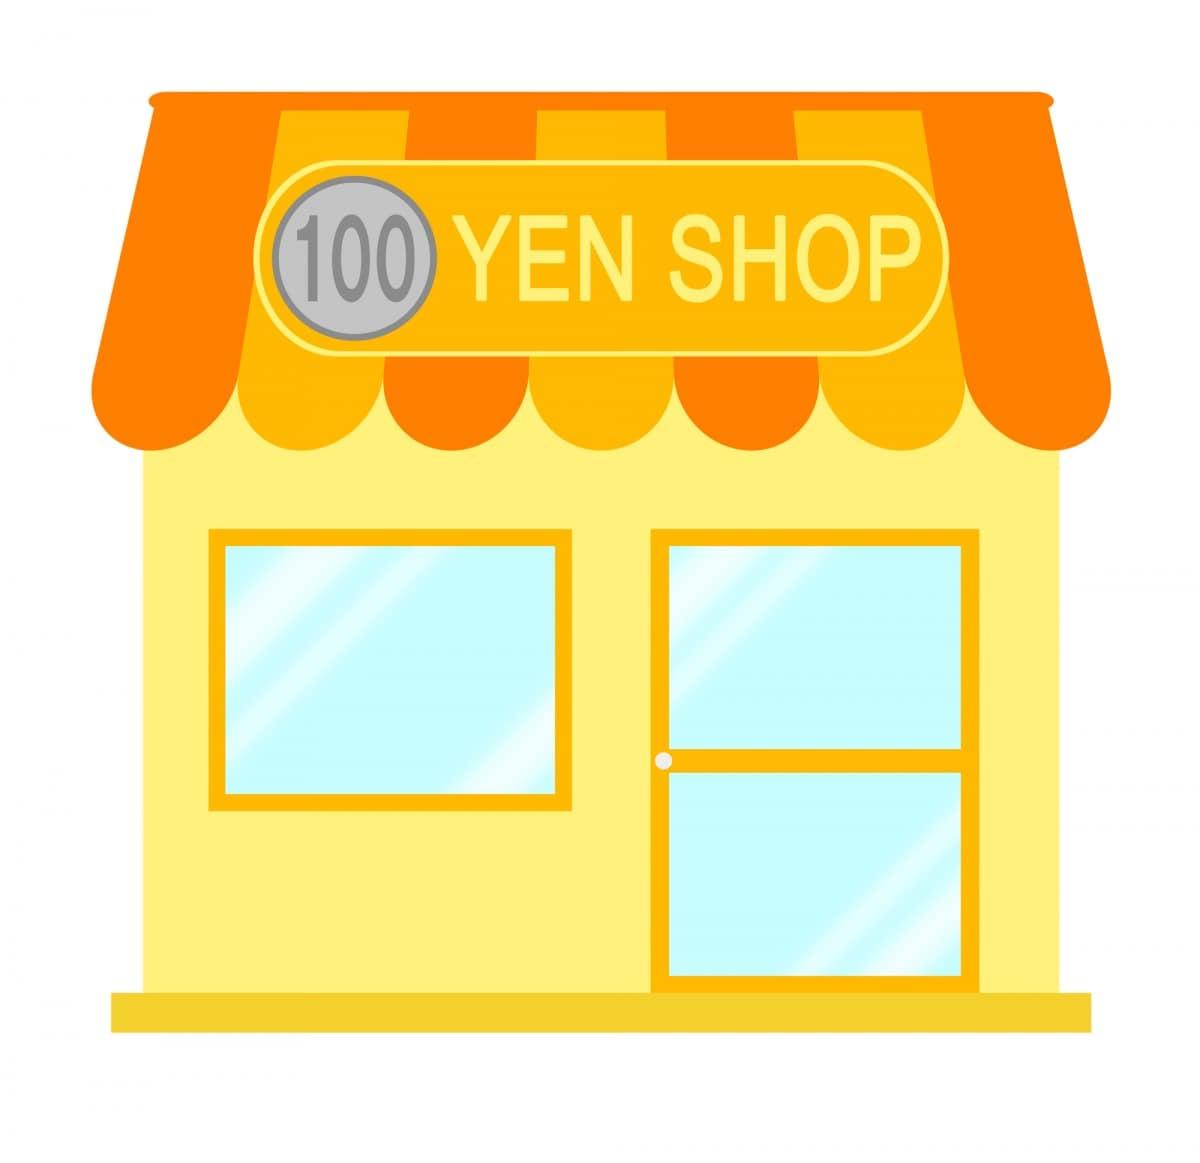 1.100엔 샵에서 쇼핑하기